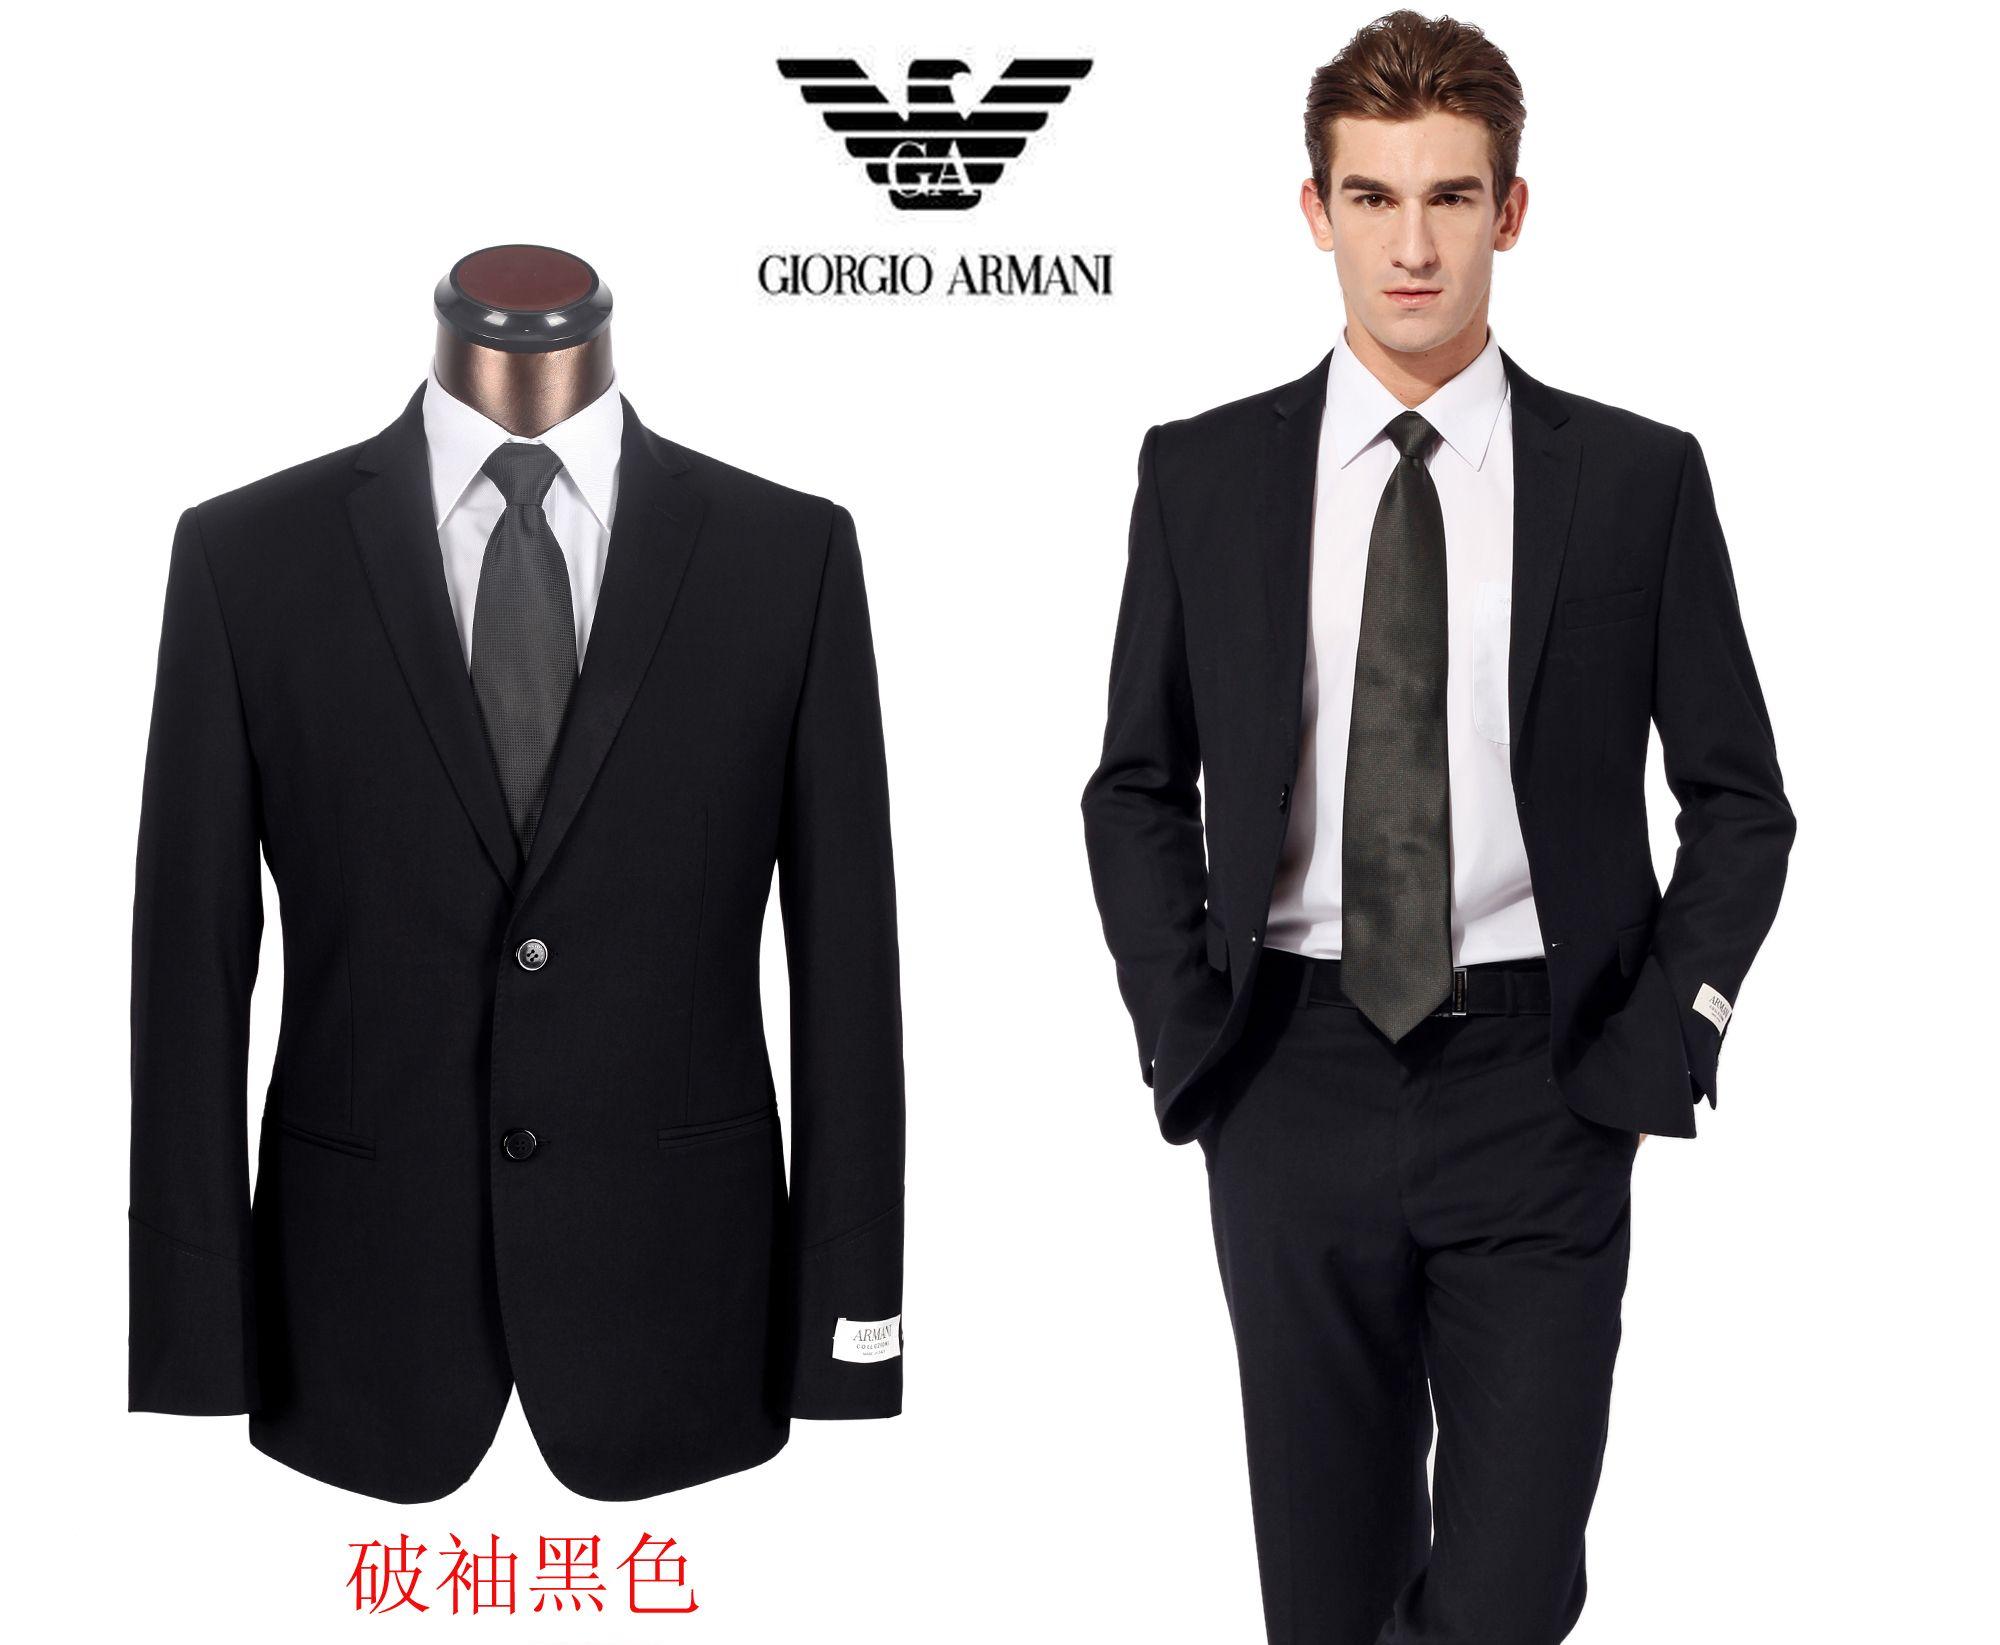 0c798d8e03 Wholesale Armani Men Business Suits On Sale-WABSONS007  Armani-2013206  -   125.00   Wholesale Ralph Lauren Polo